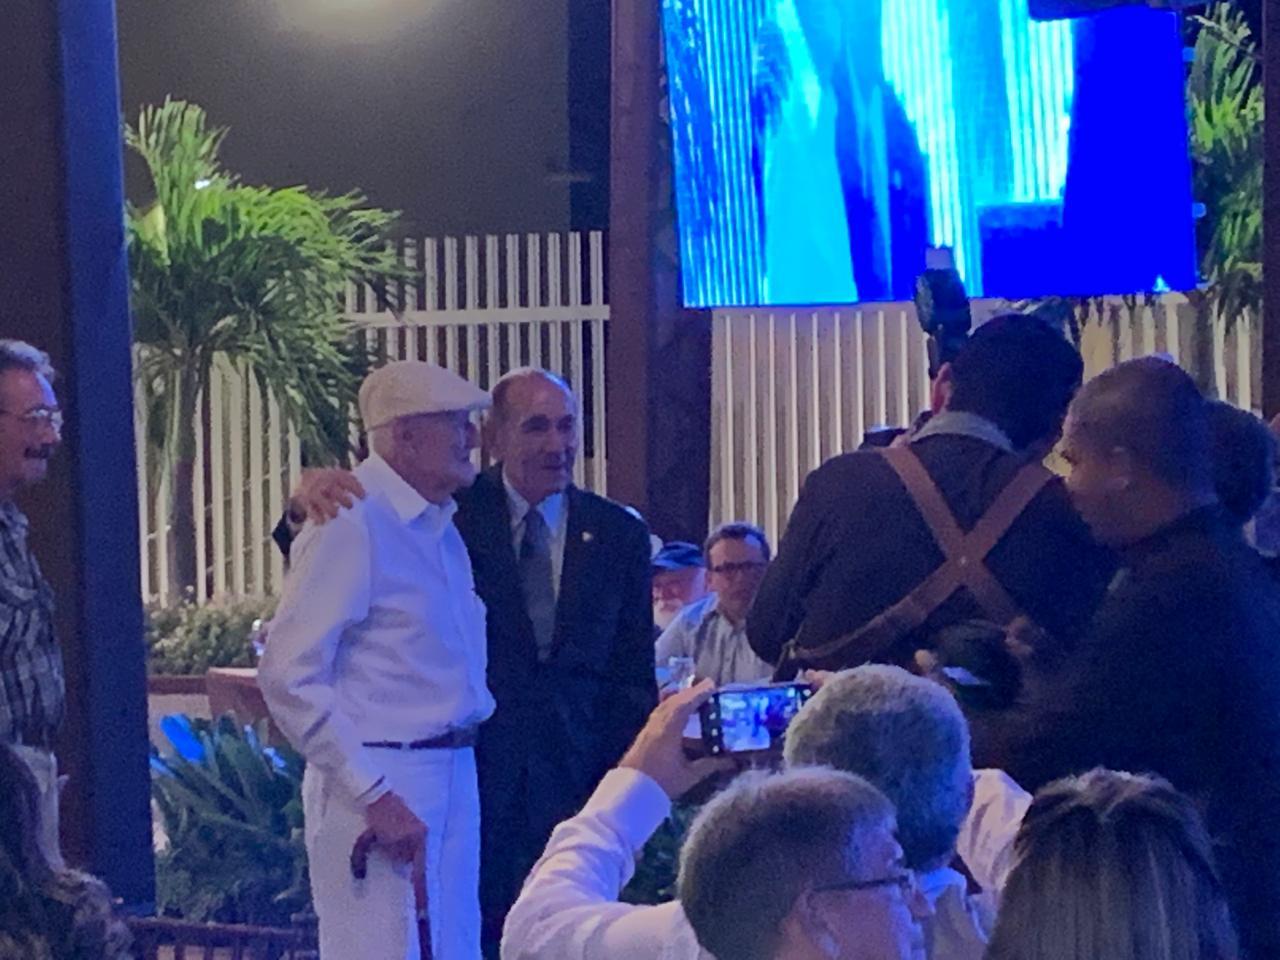 WhatsApp Image 2019 09 21 at 21.43.06 - Políticos e empresários comemoram os 90 anos de Zé Cavalcanti, em Cajazeiras - VEJA FOTOS E VÍDEOS